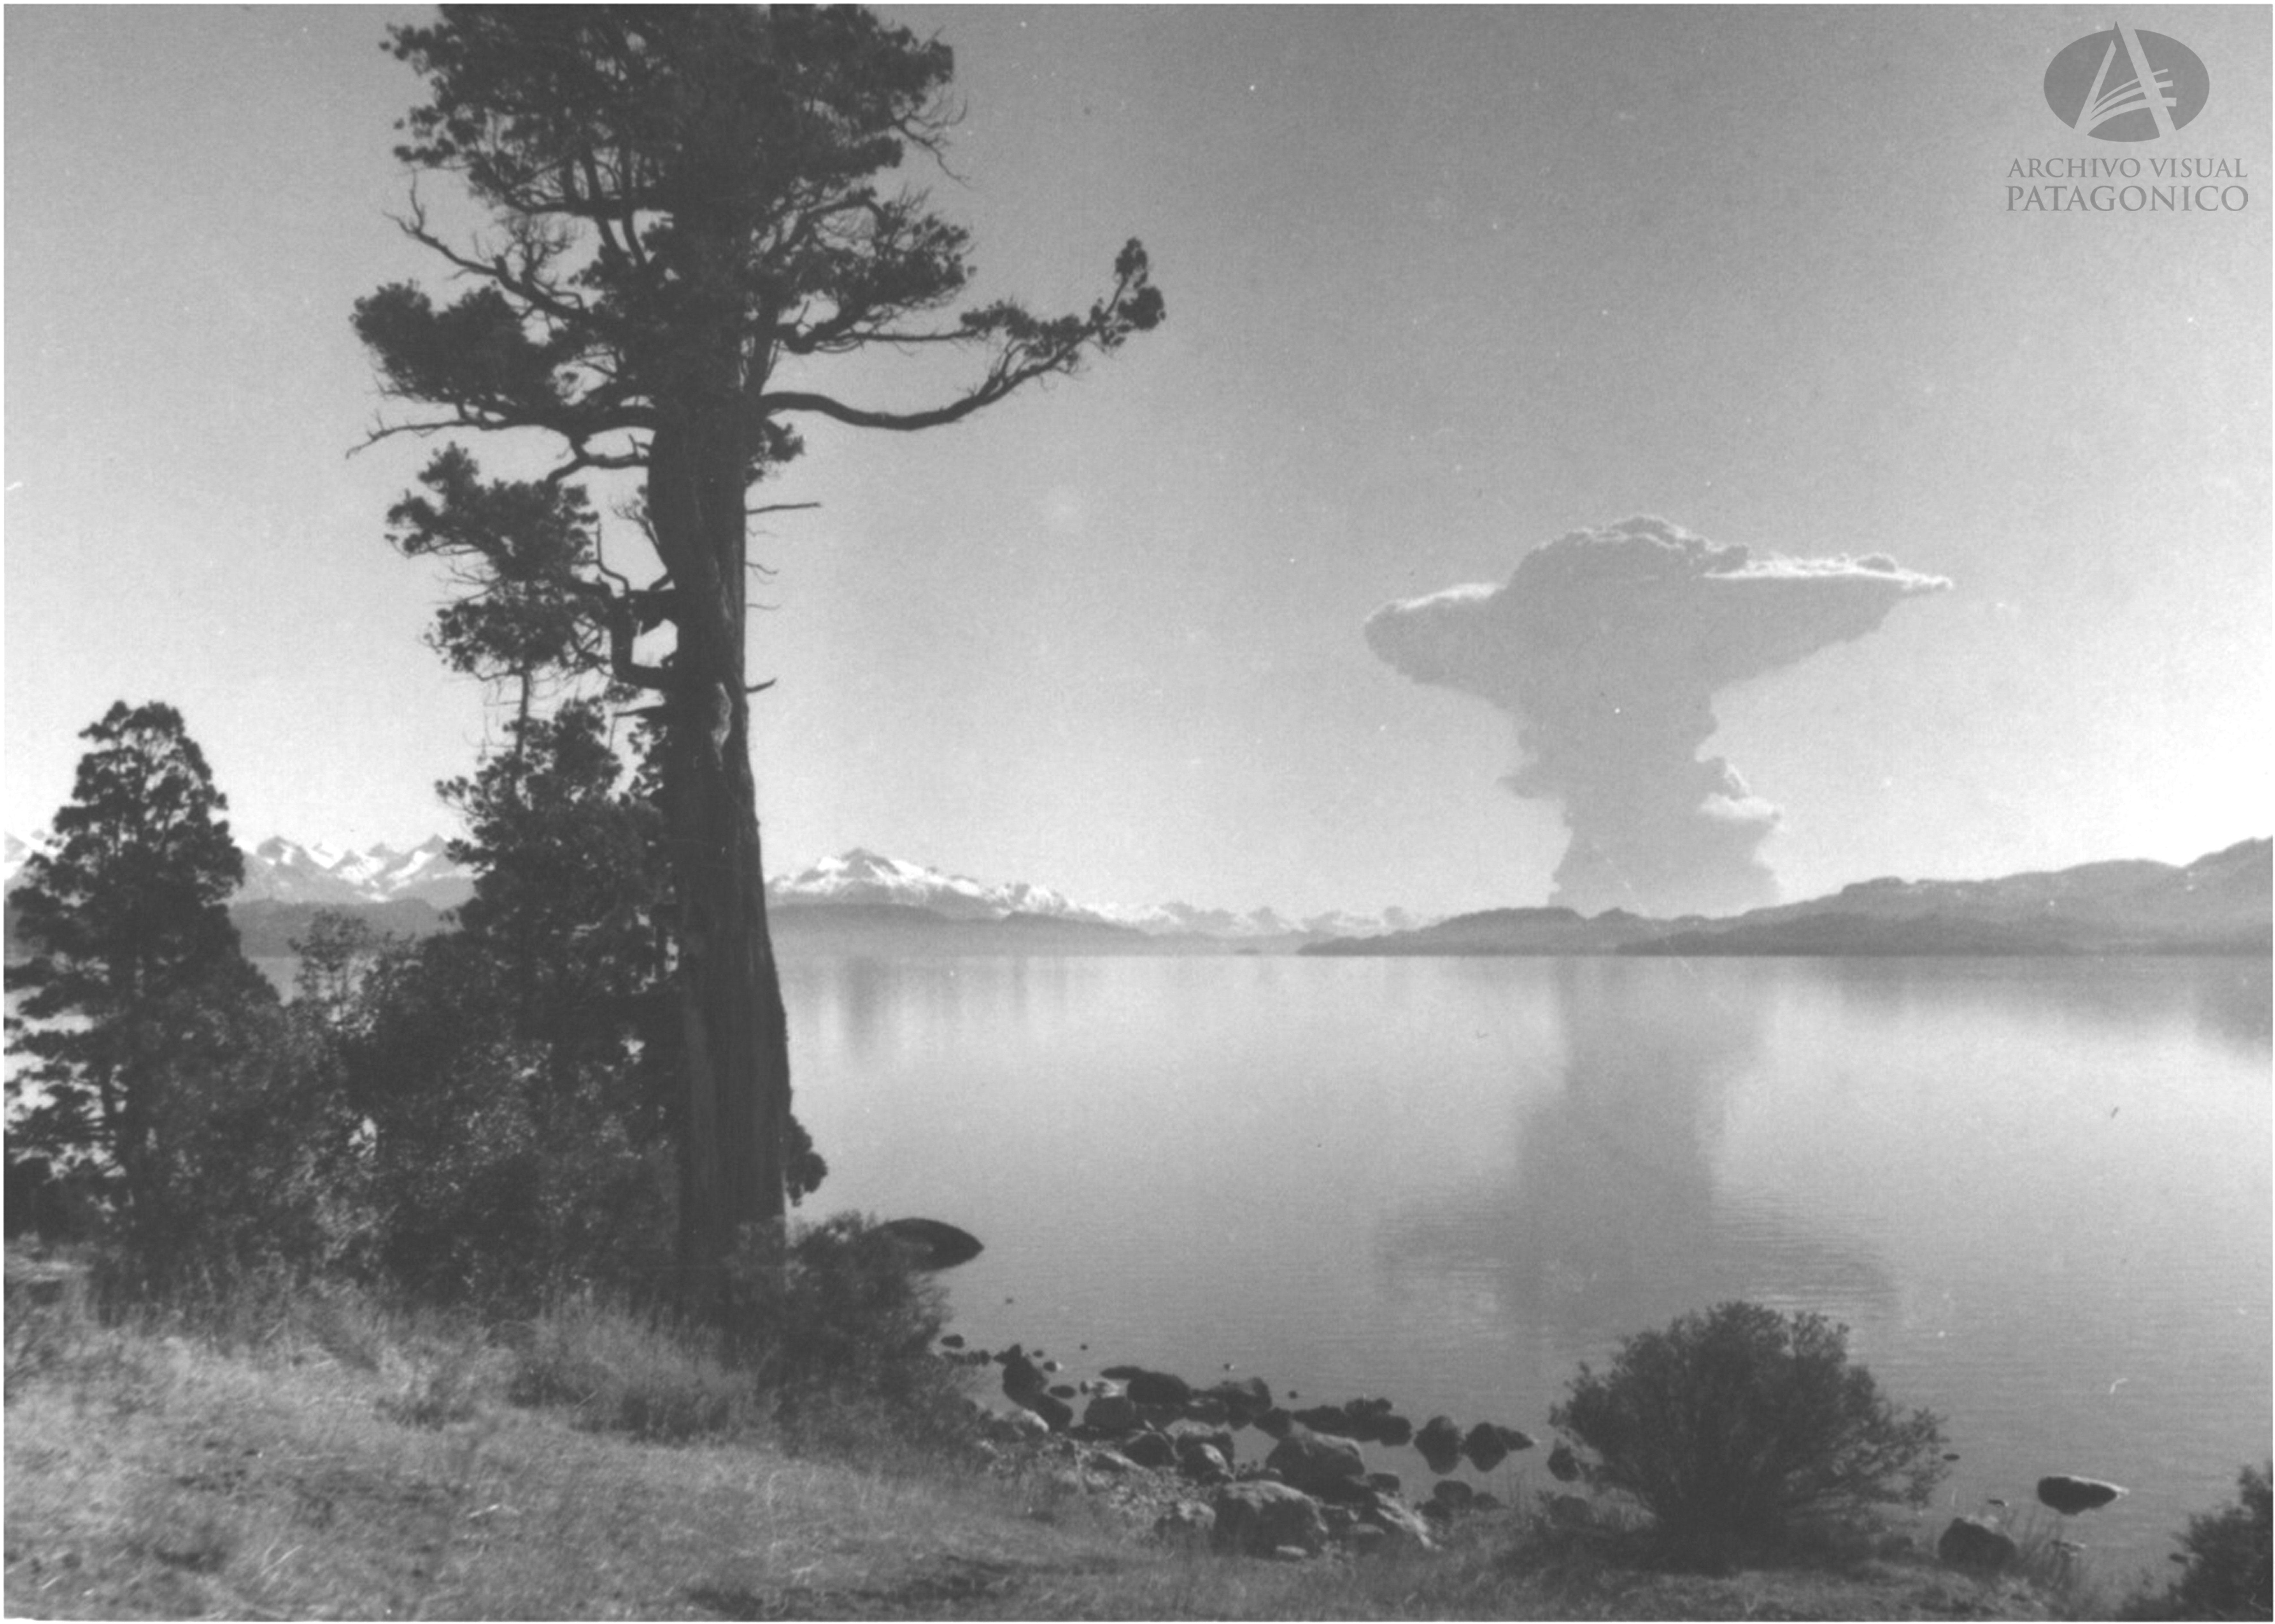 Erupci N Volcan Puyehue 22 5 1960 Col Lagos En Archivo Visual  # Muebles Puyehue